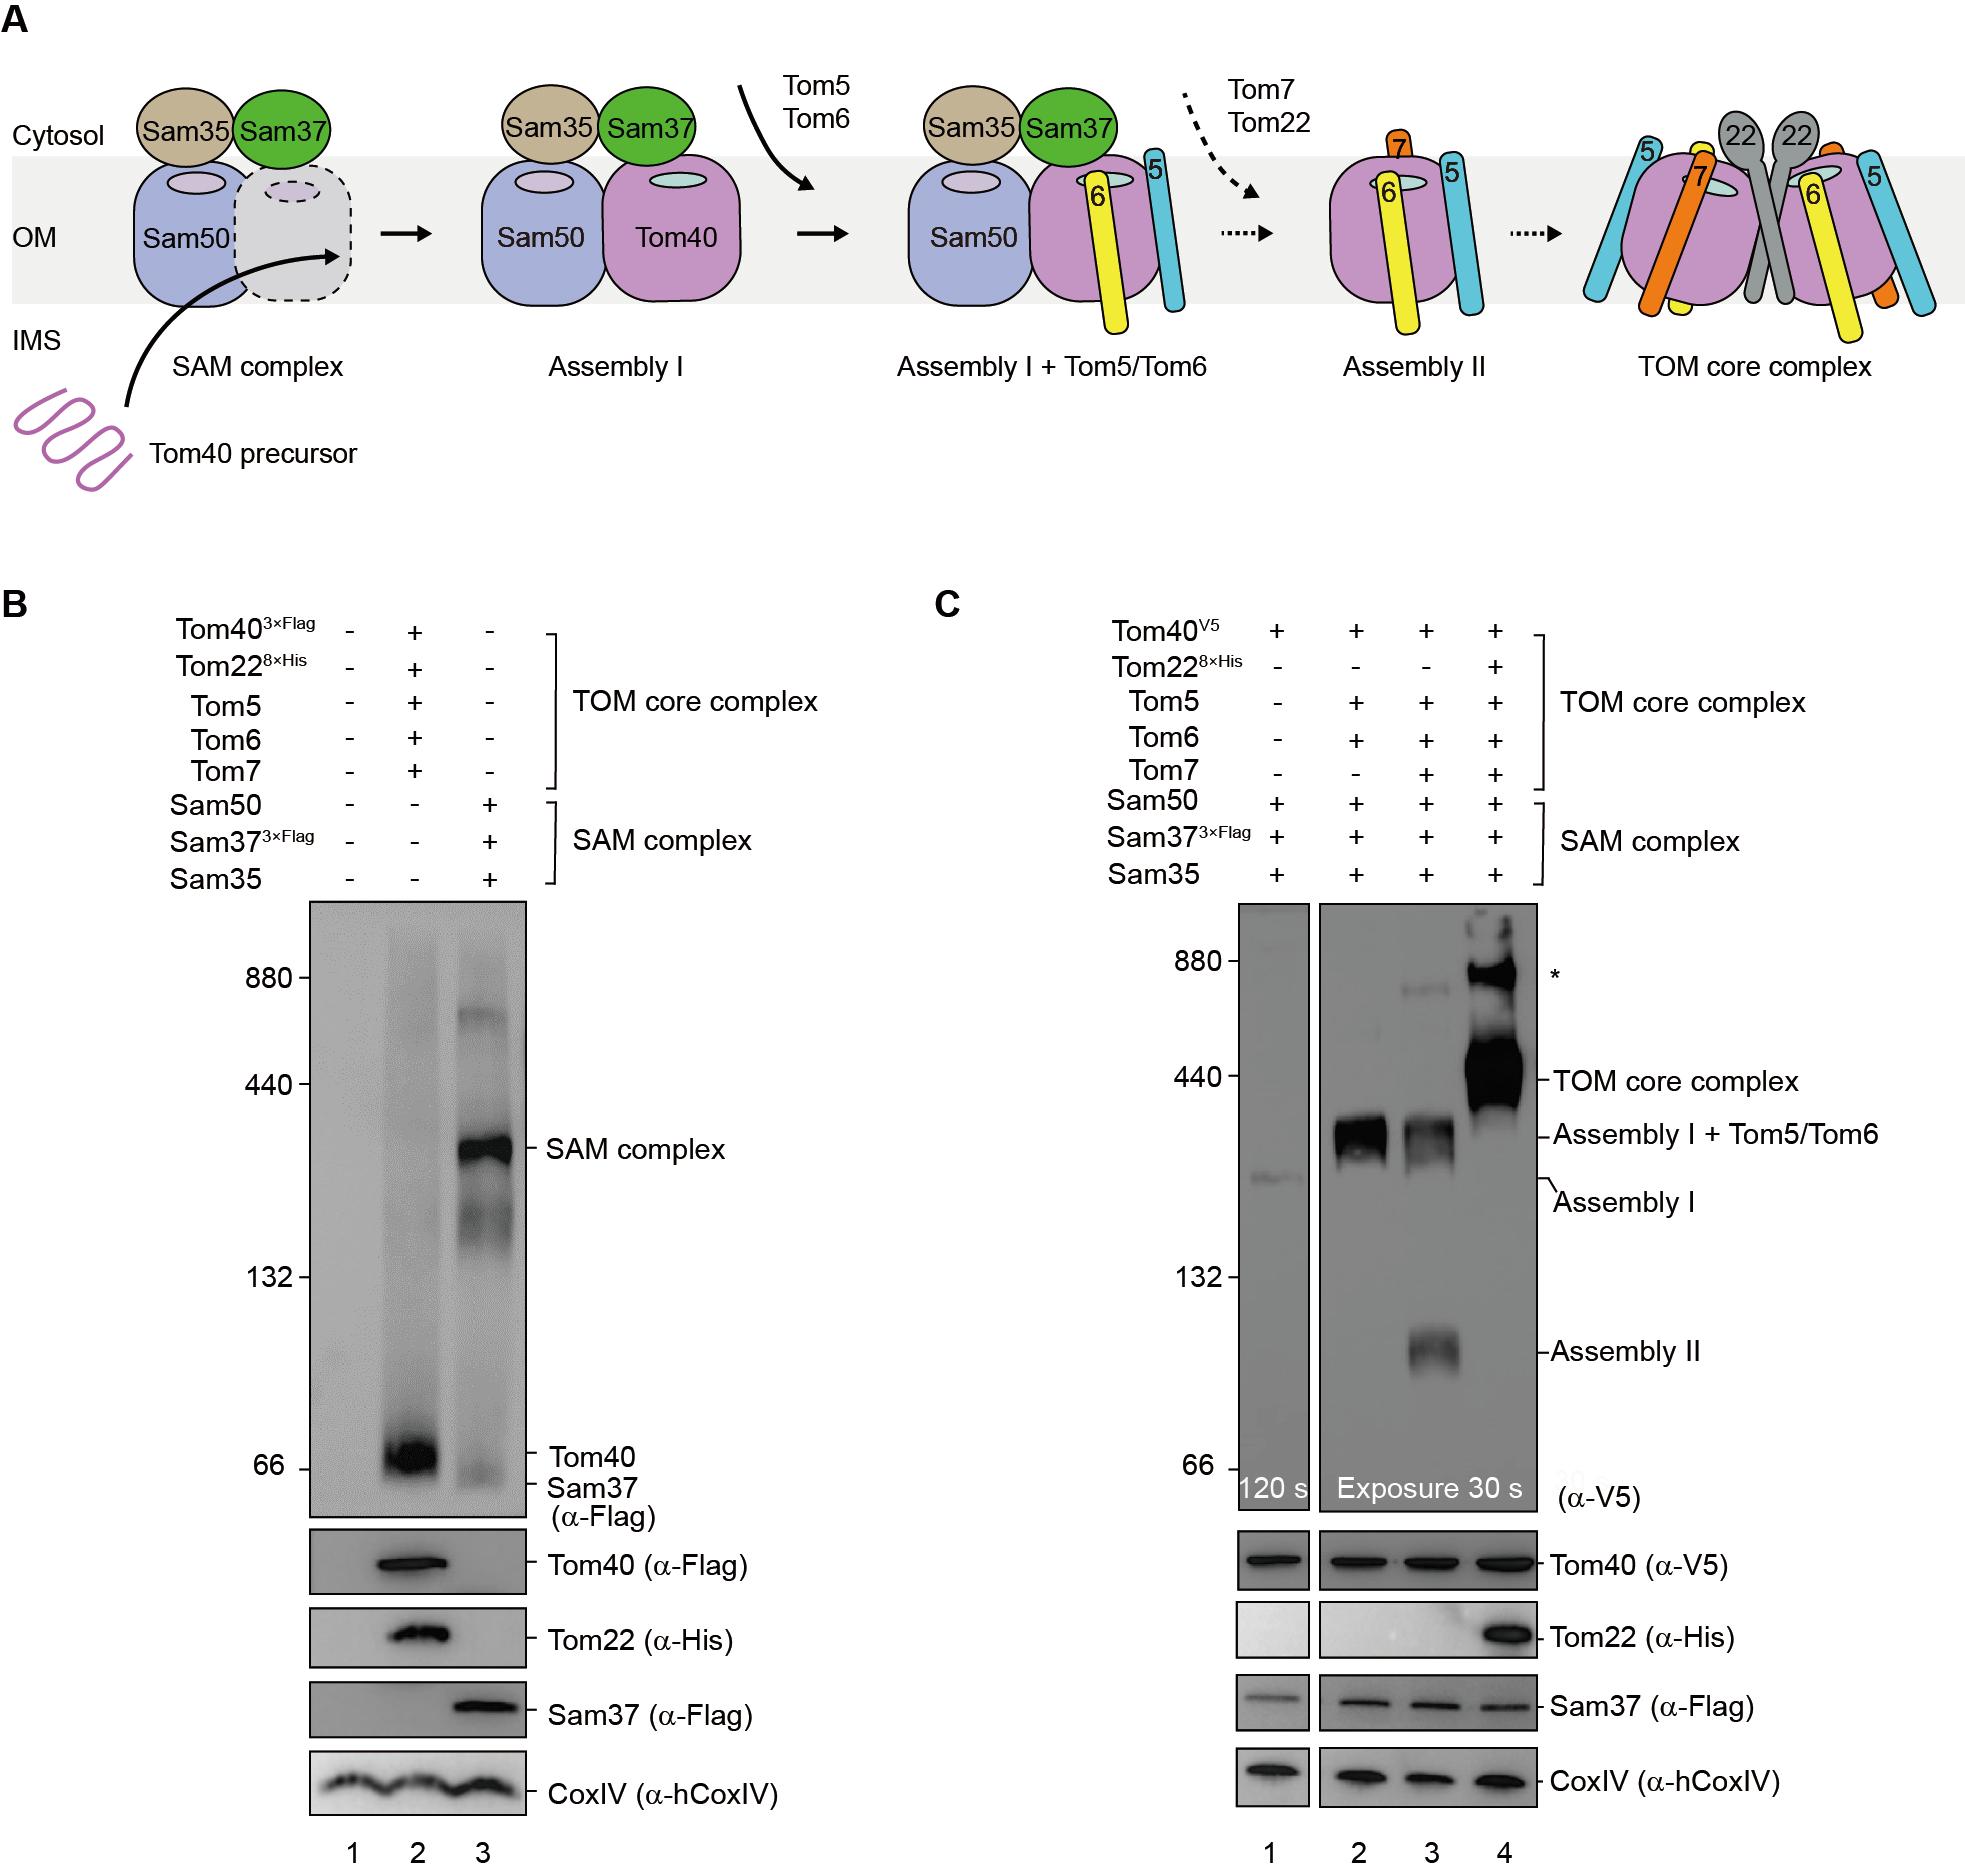 图1. TOM转位酶复合体的组装